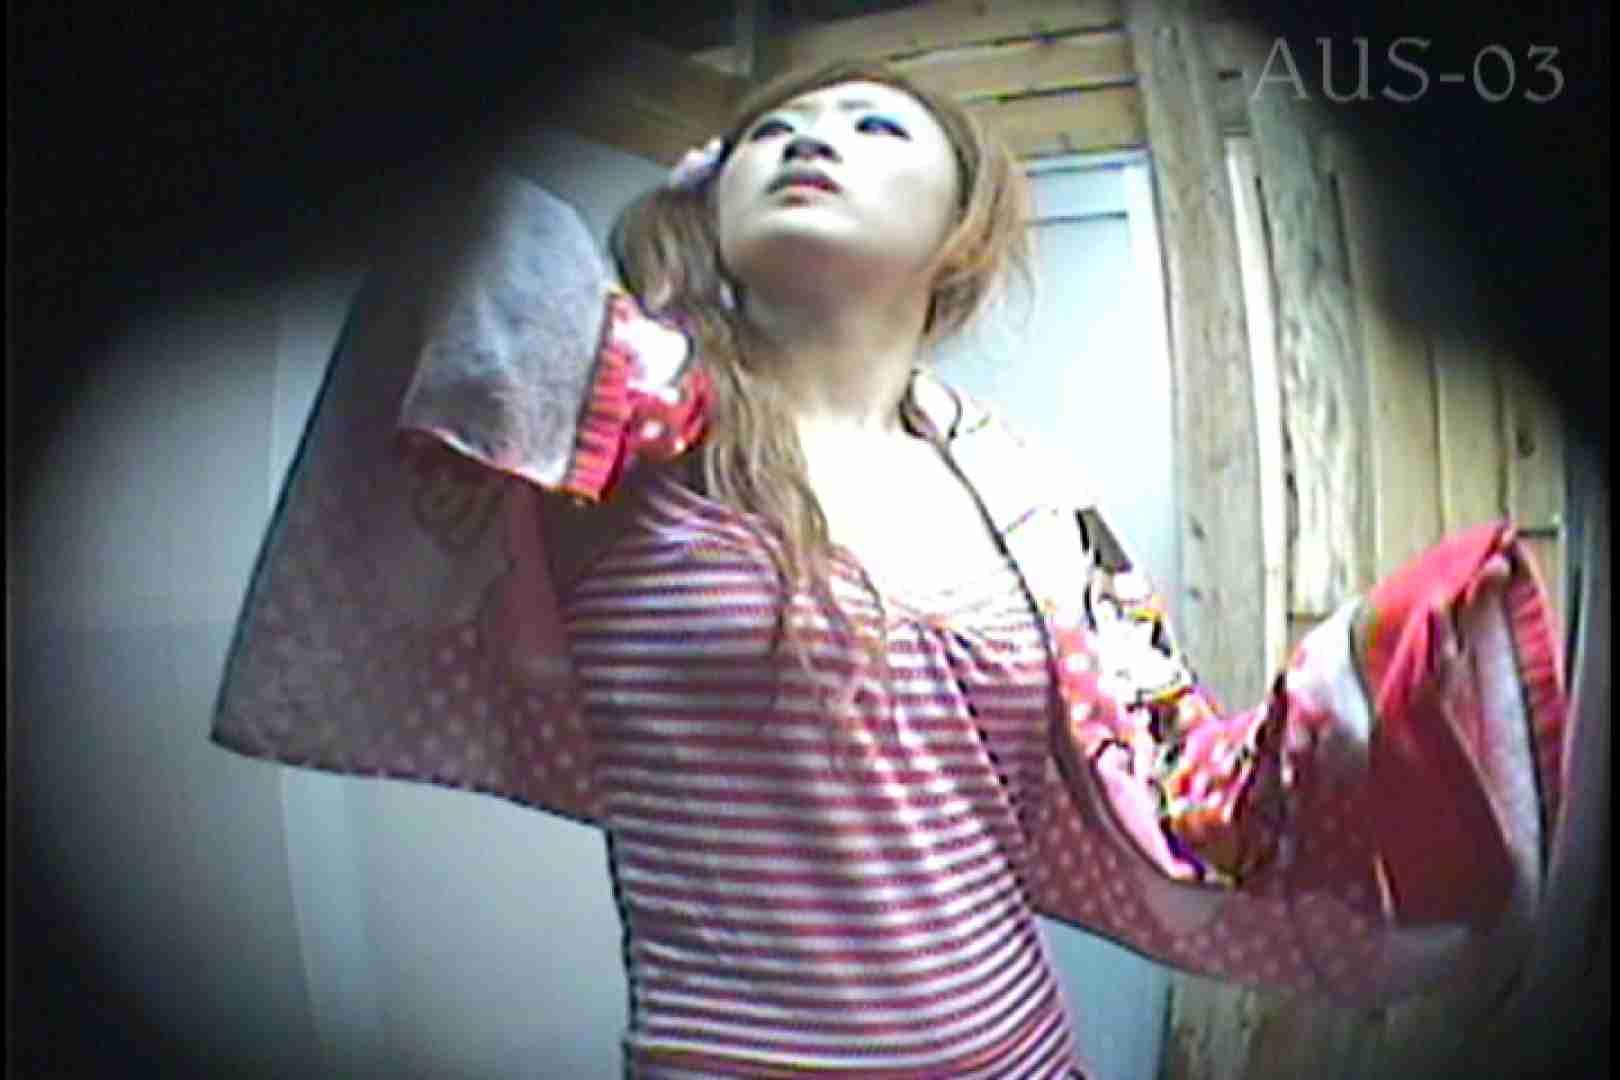 海の家の更衣室 Vol.14 美女のボディ  64PIX 57